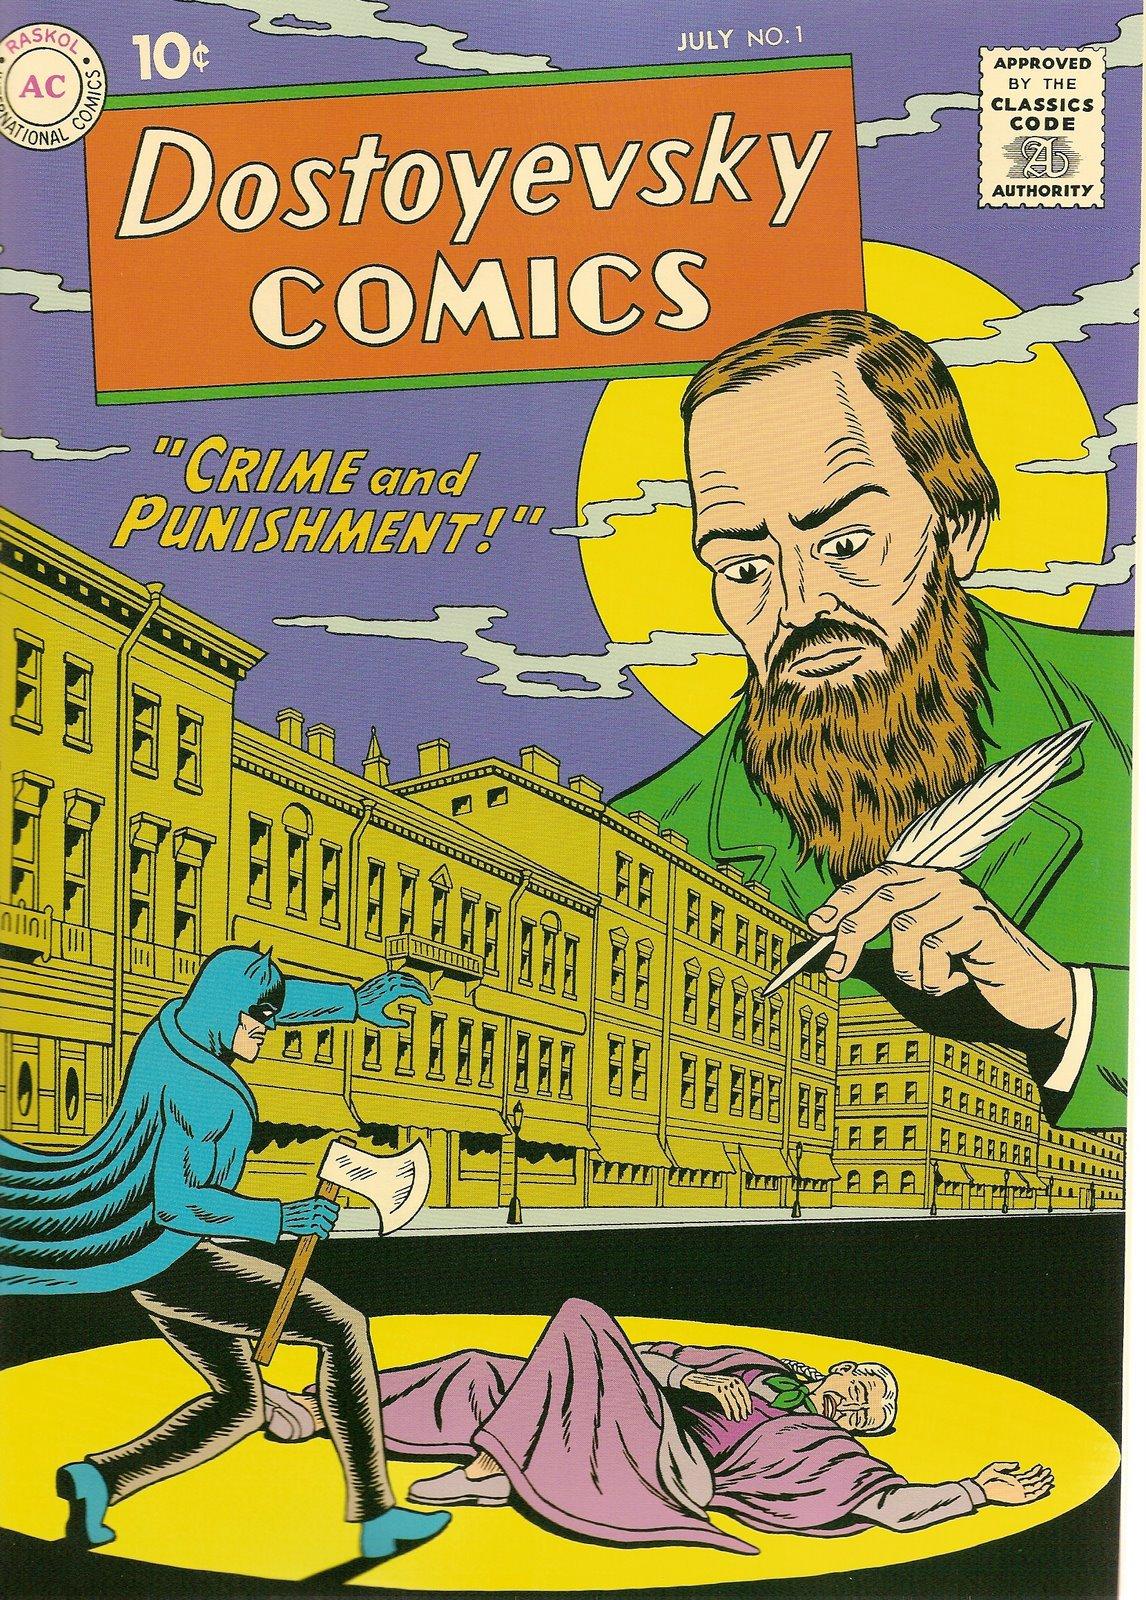 Ebook batman download comic